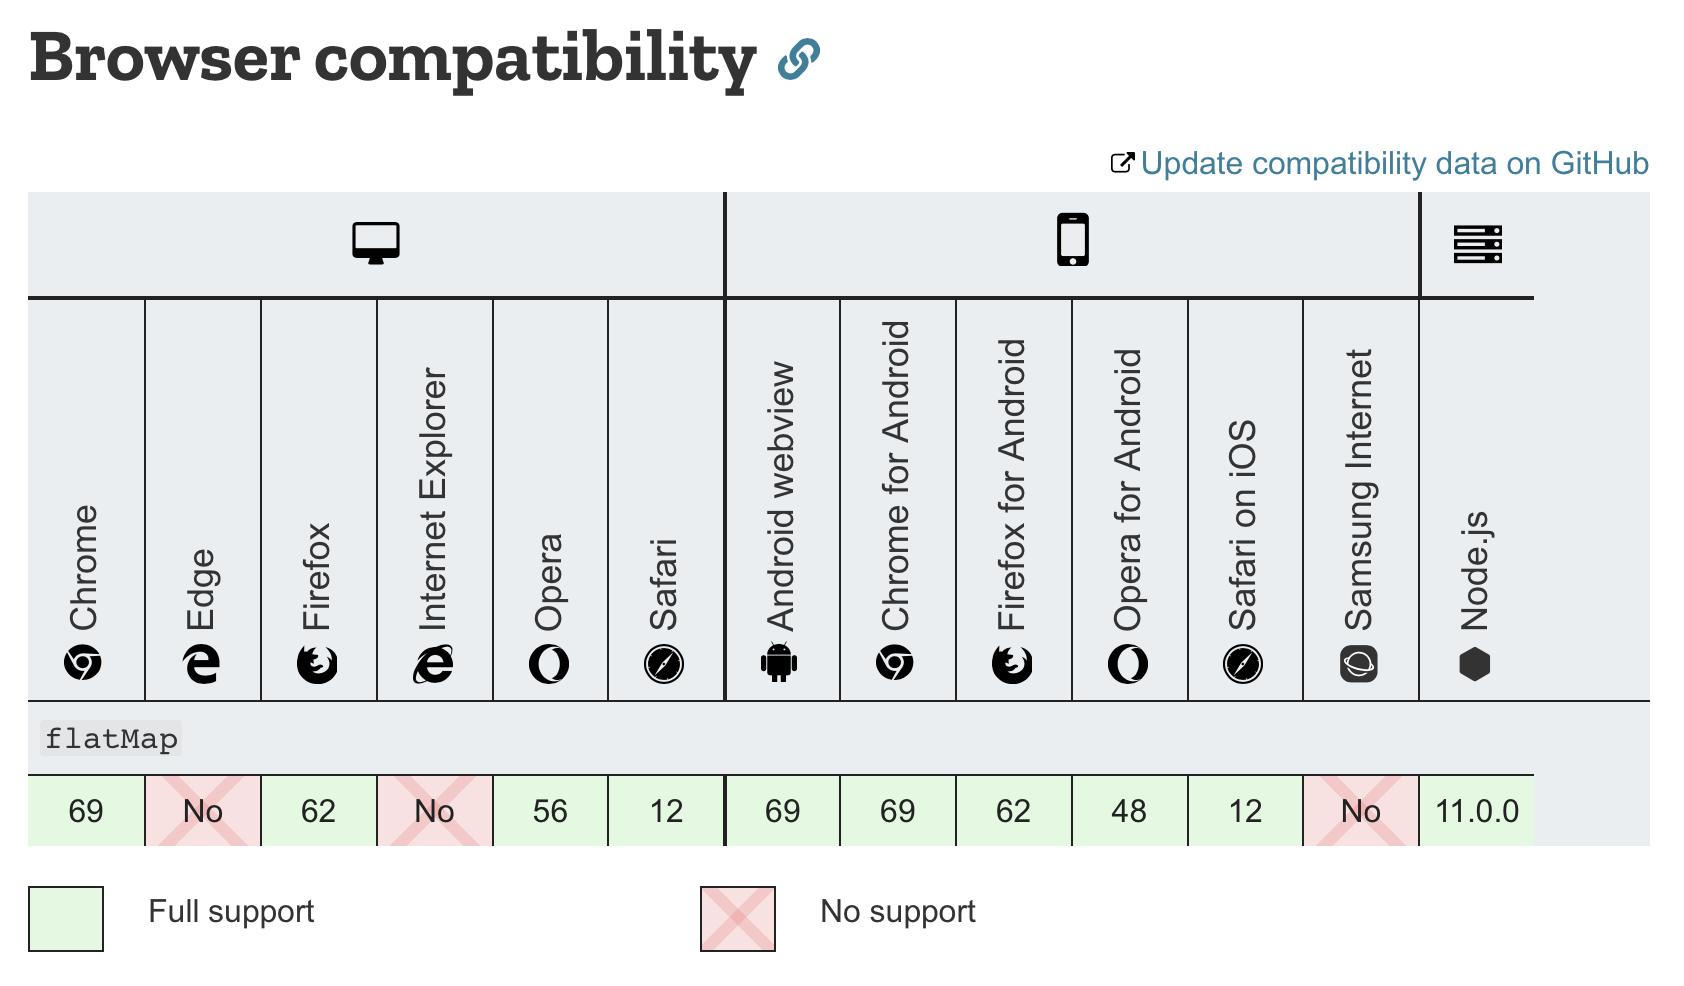 وضعیت پشتیبانی از ویژگی flatMap در محیط های مختلف